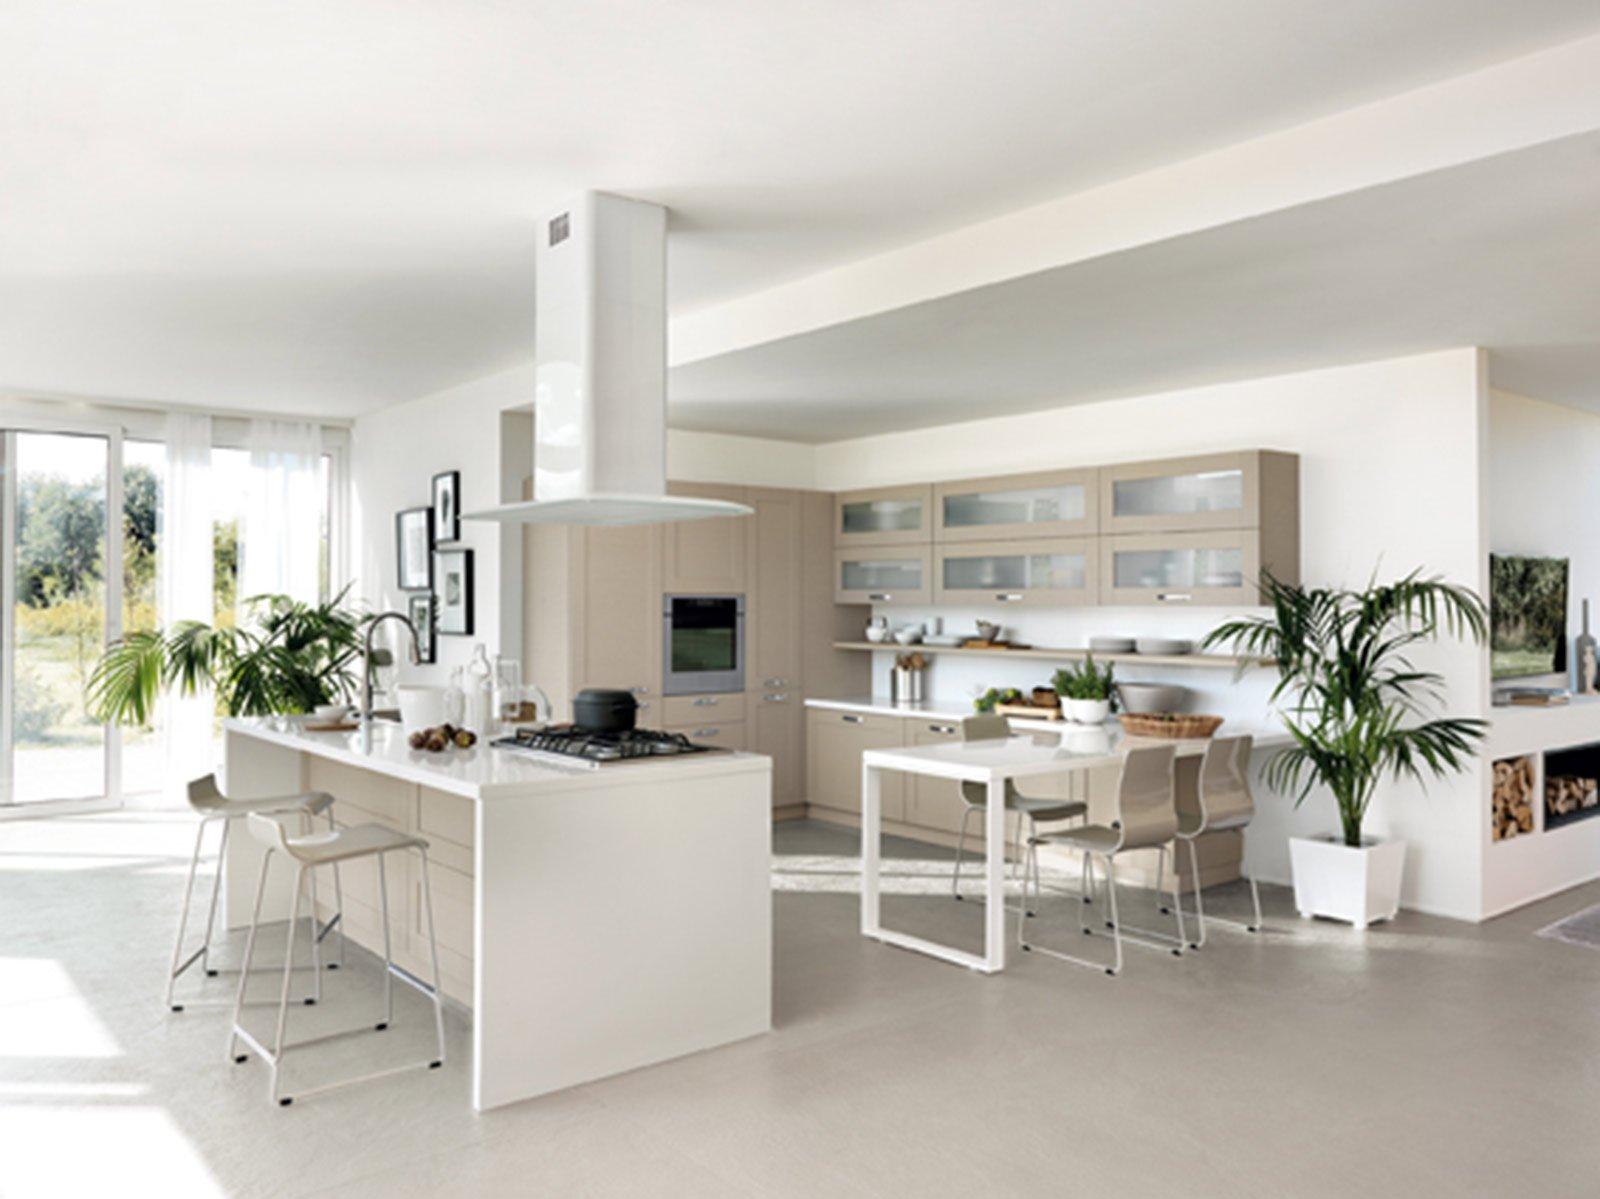 Cucina: libertà compositiva - Cose di Casa